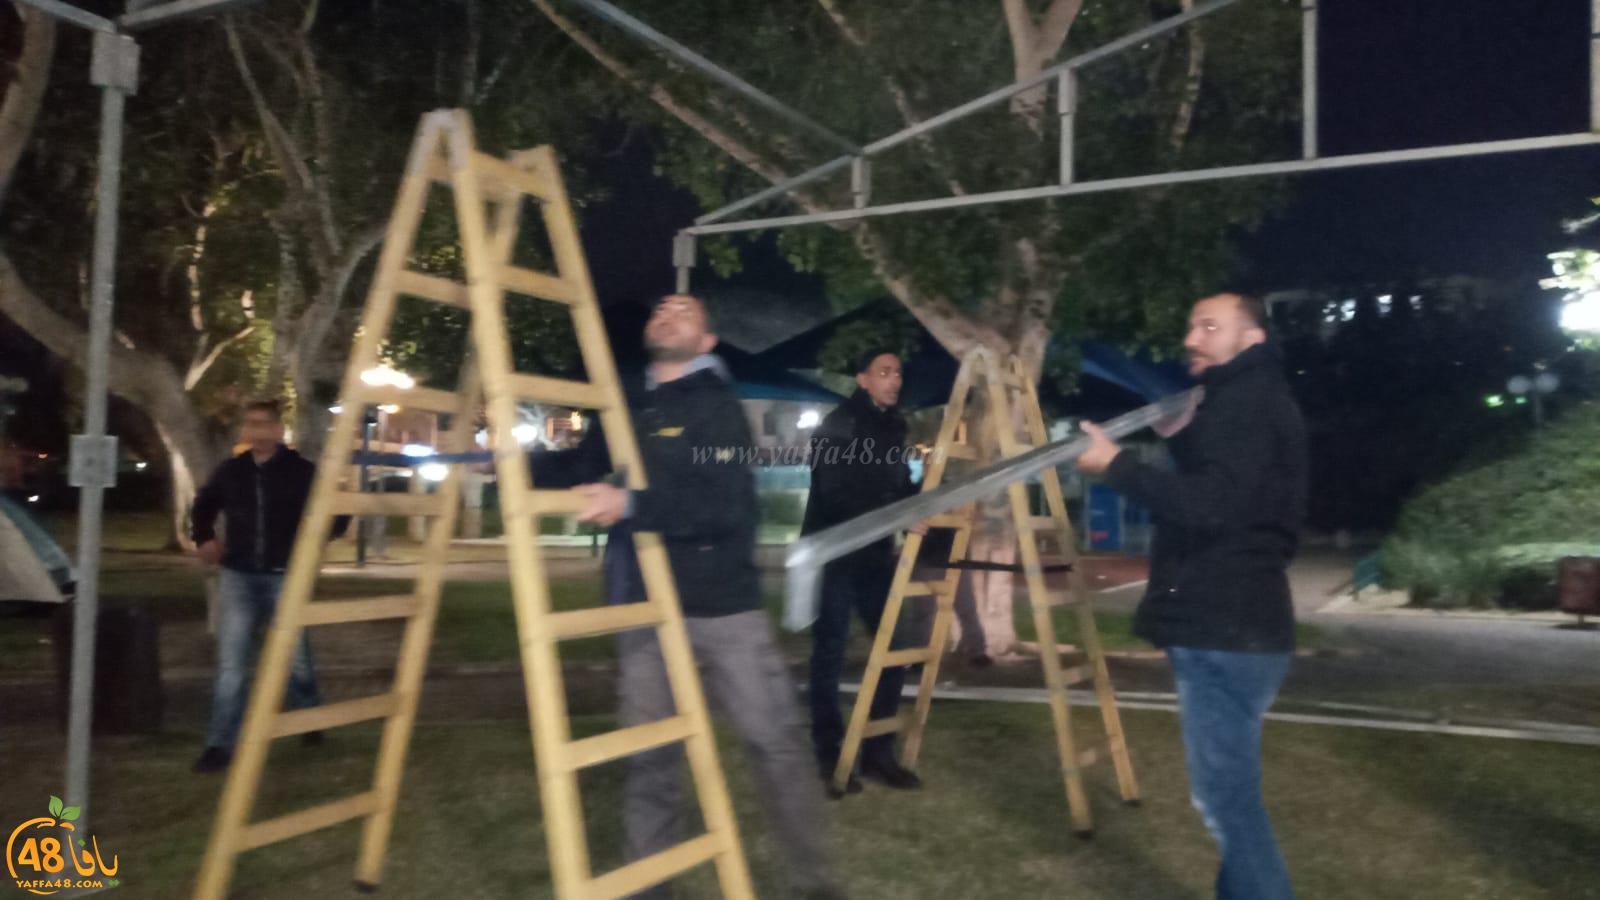 فيديو: اصرار جماهيري عنيد - نصب خيمة أكبر لعائلة يافاية في حديقة الغزازوة